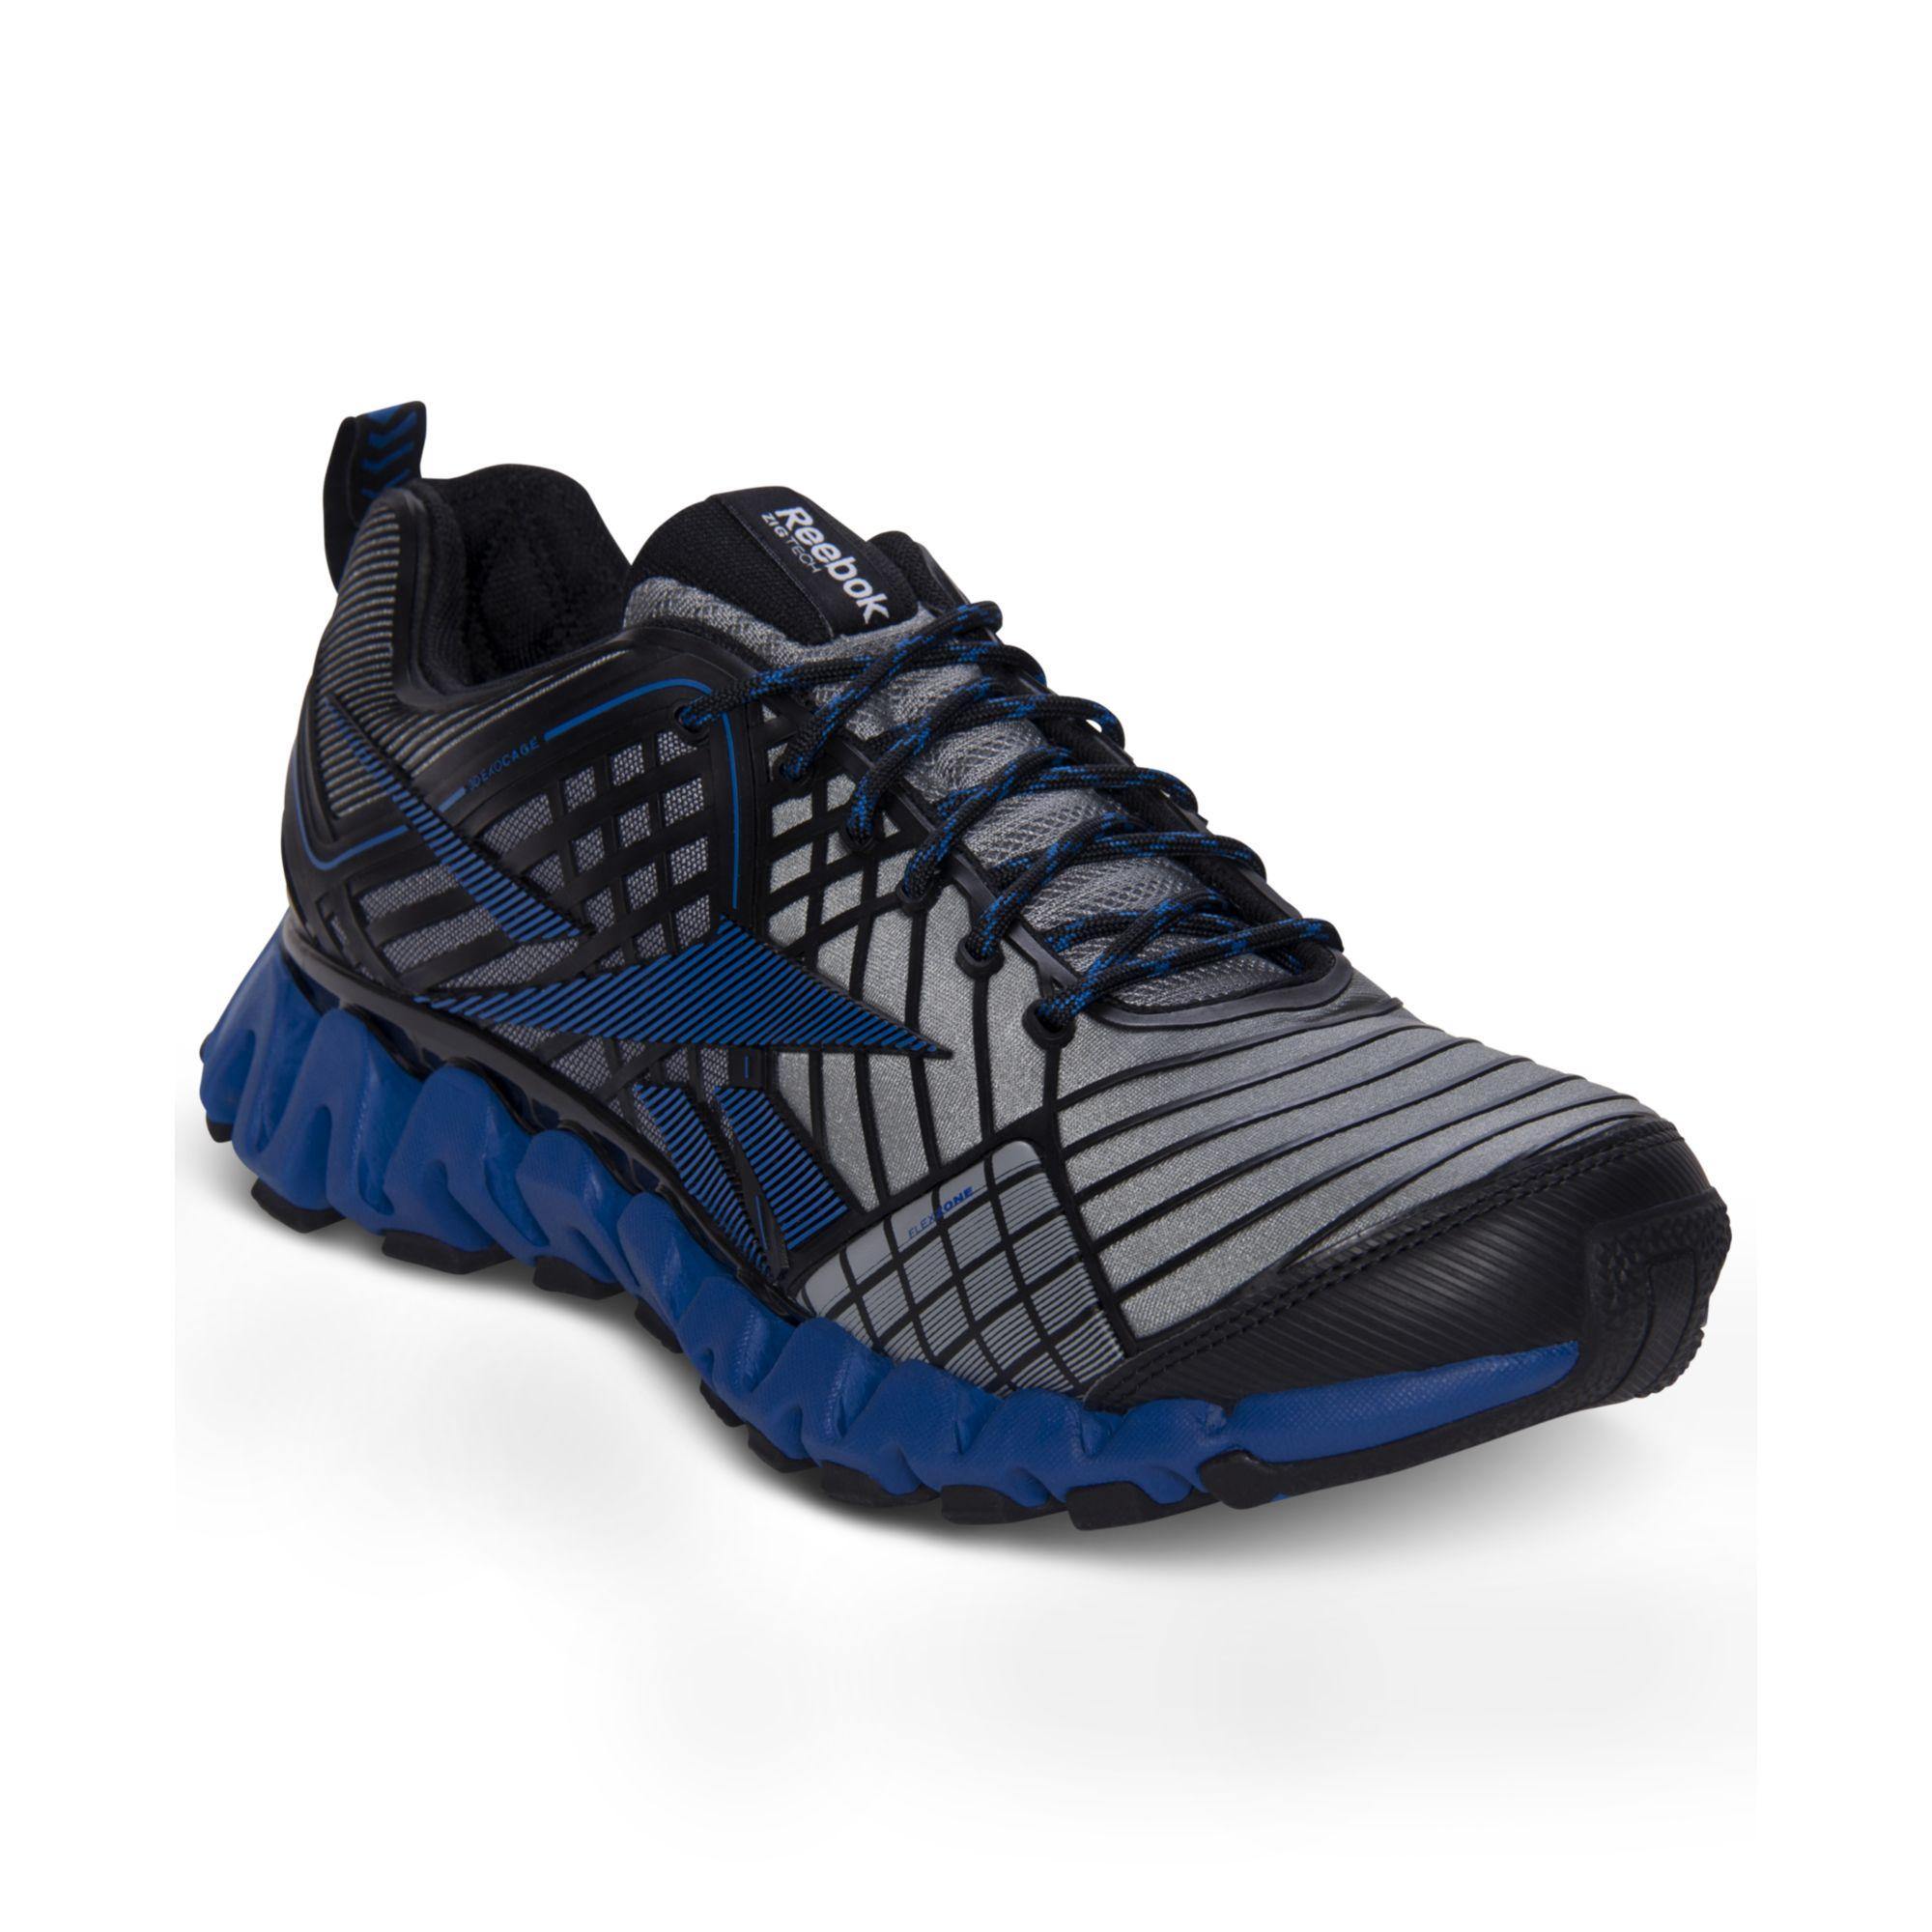 5b8e2f3b8f64 Lyst - Reebok Zigwild Tr 3 Running Sneakers in Blue for Men